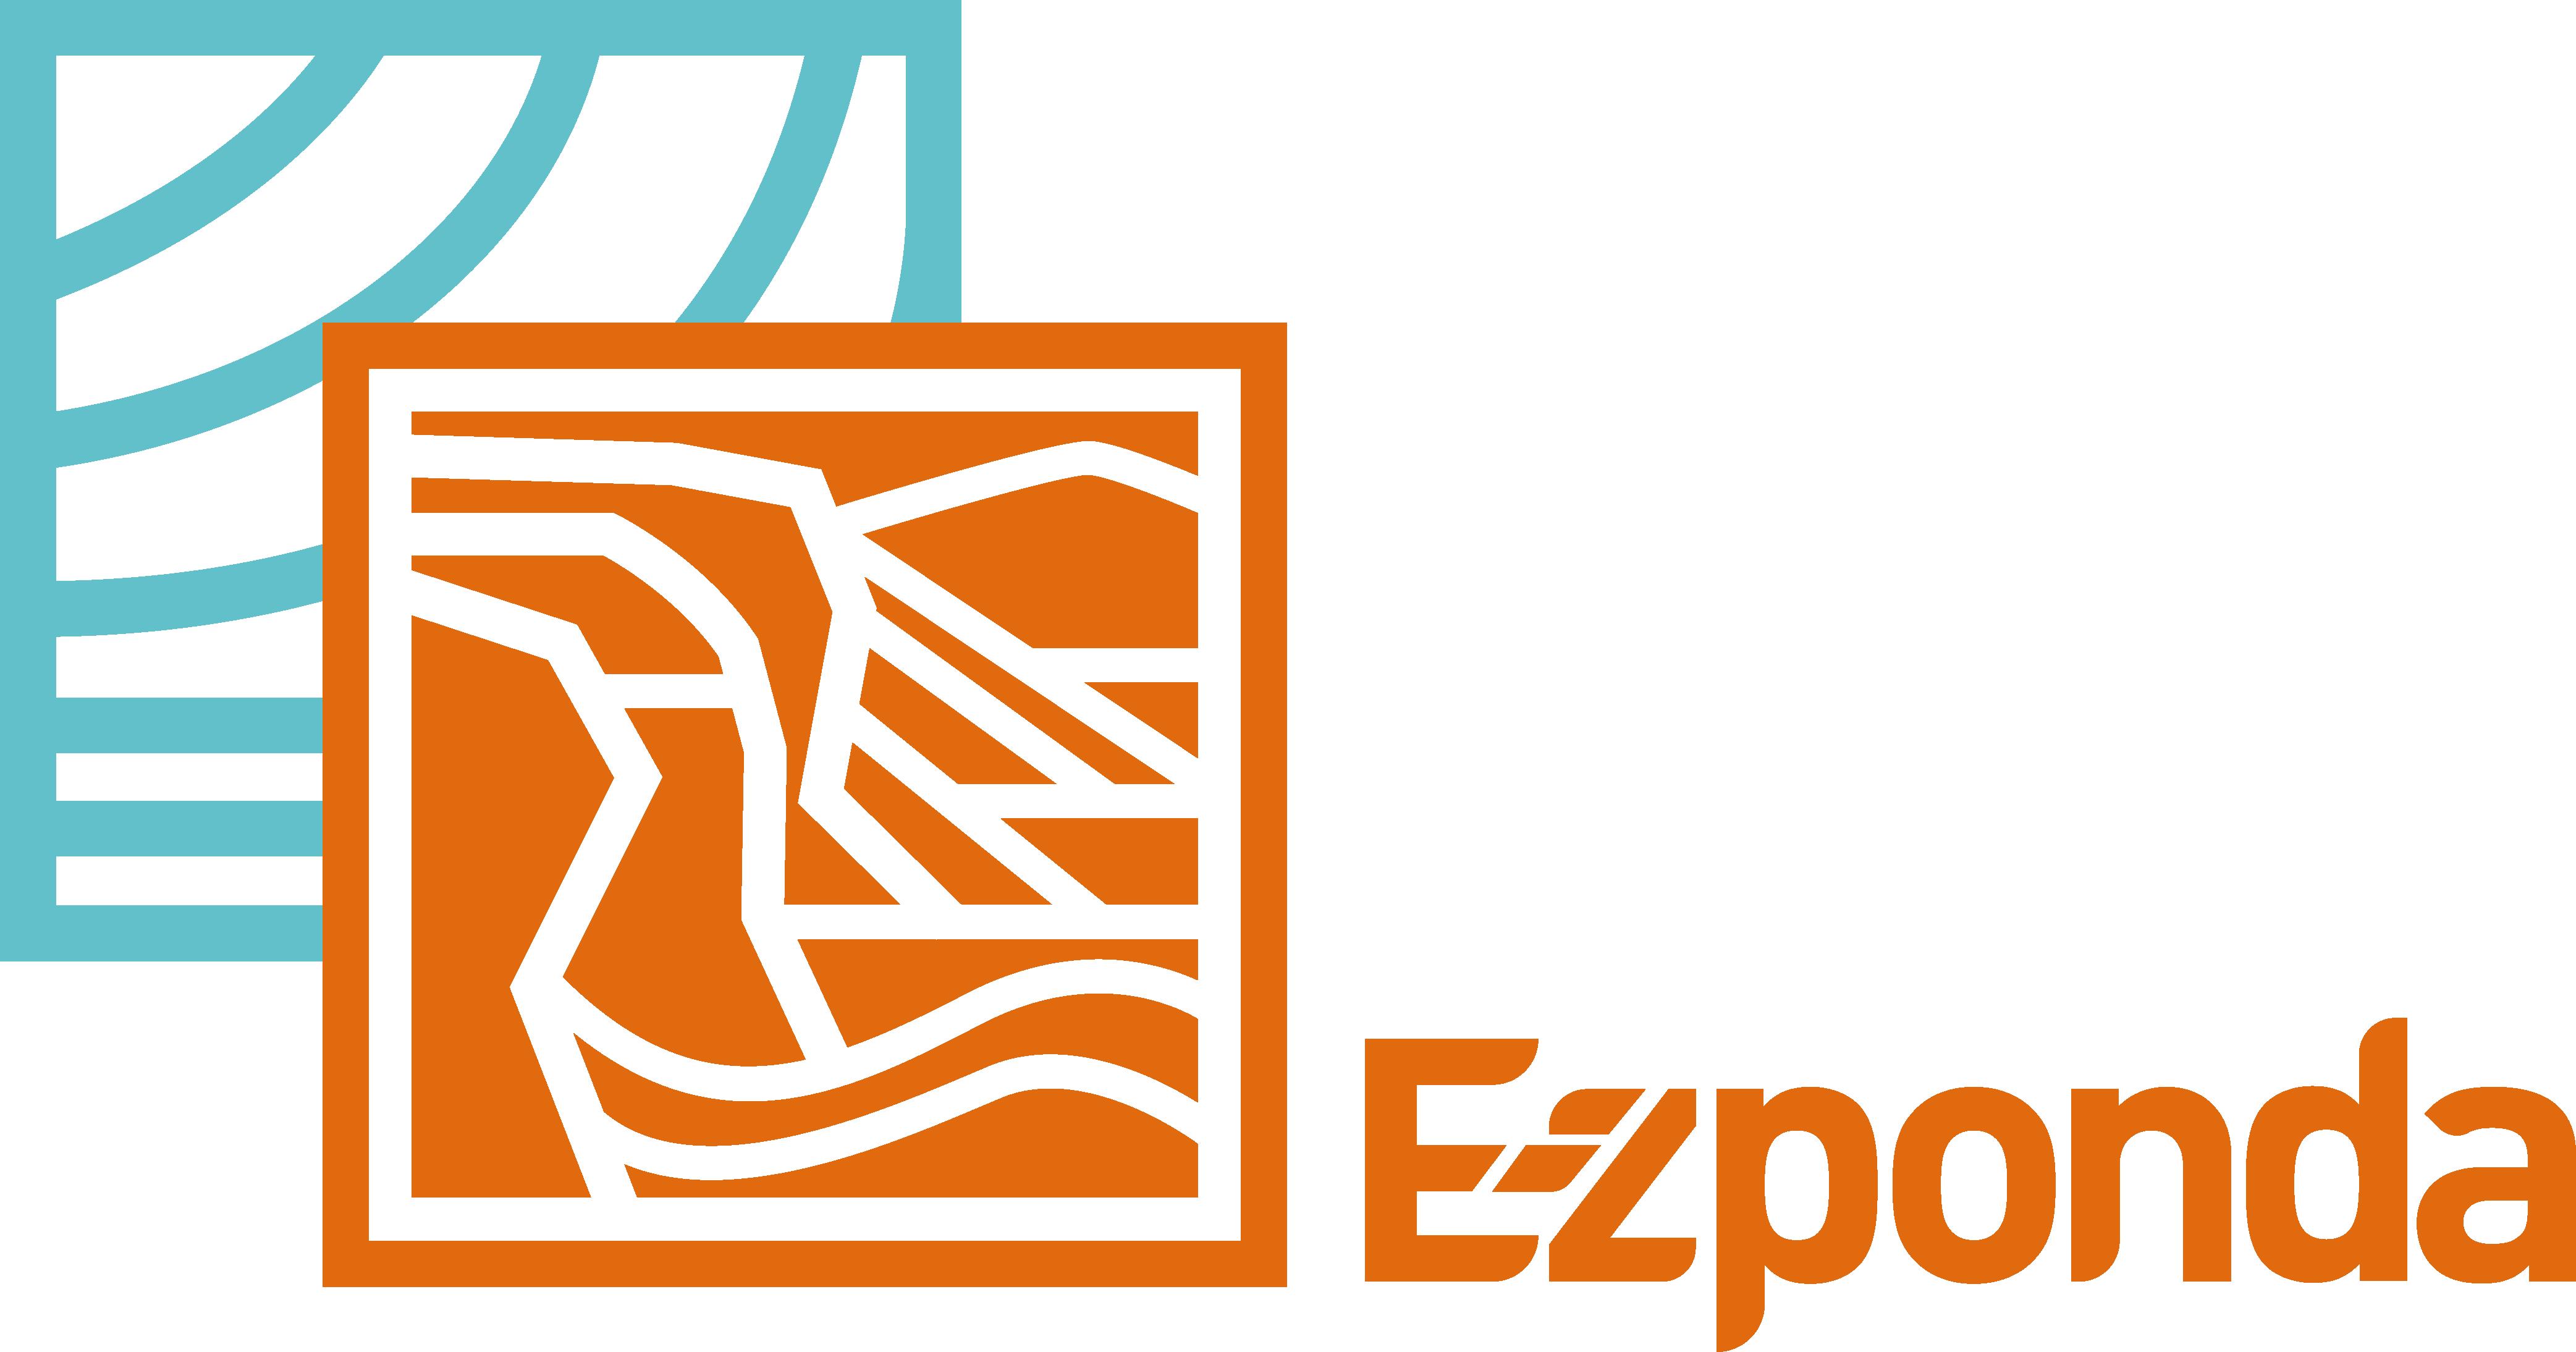 Ezponda logo